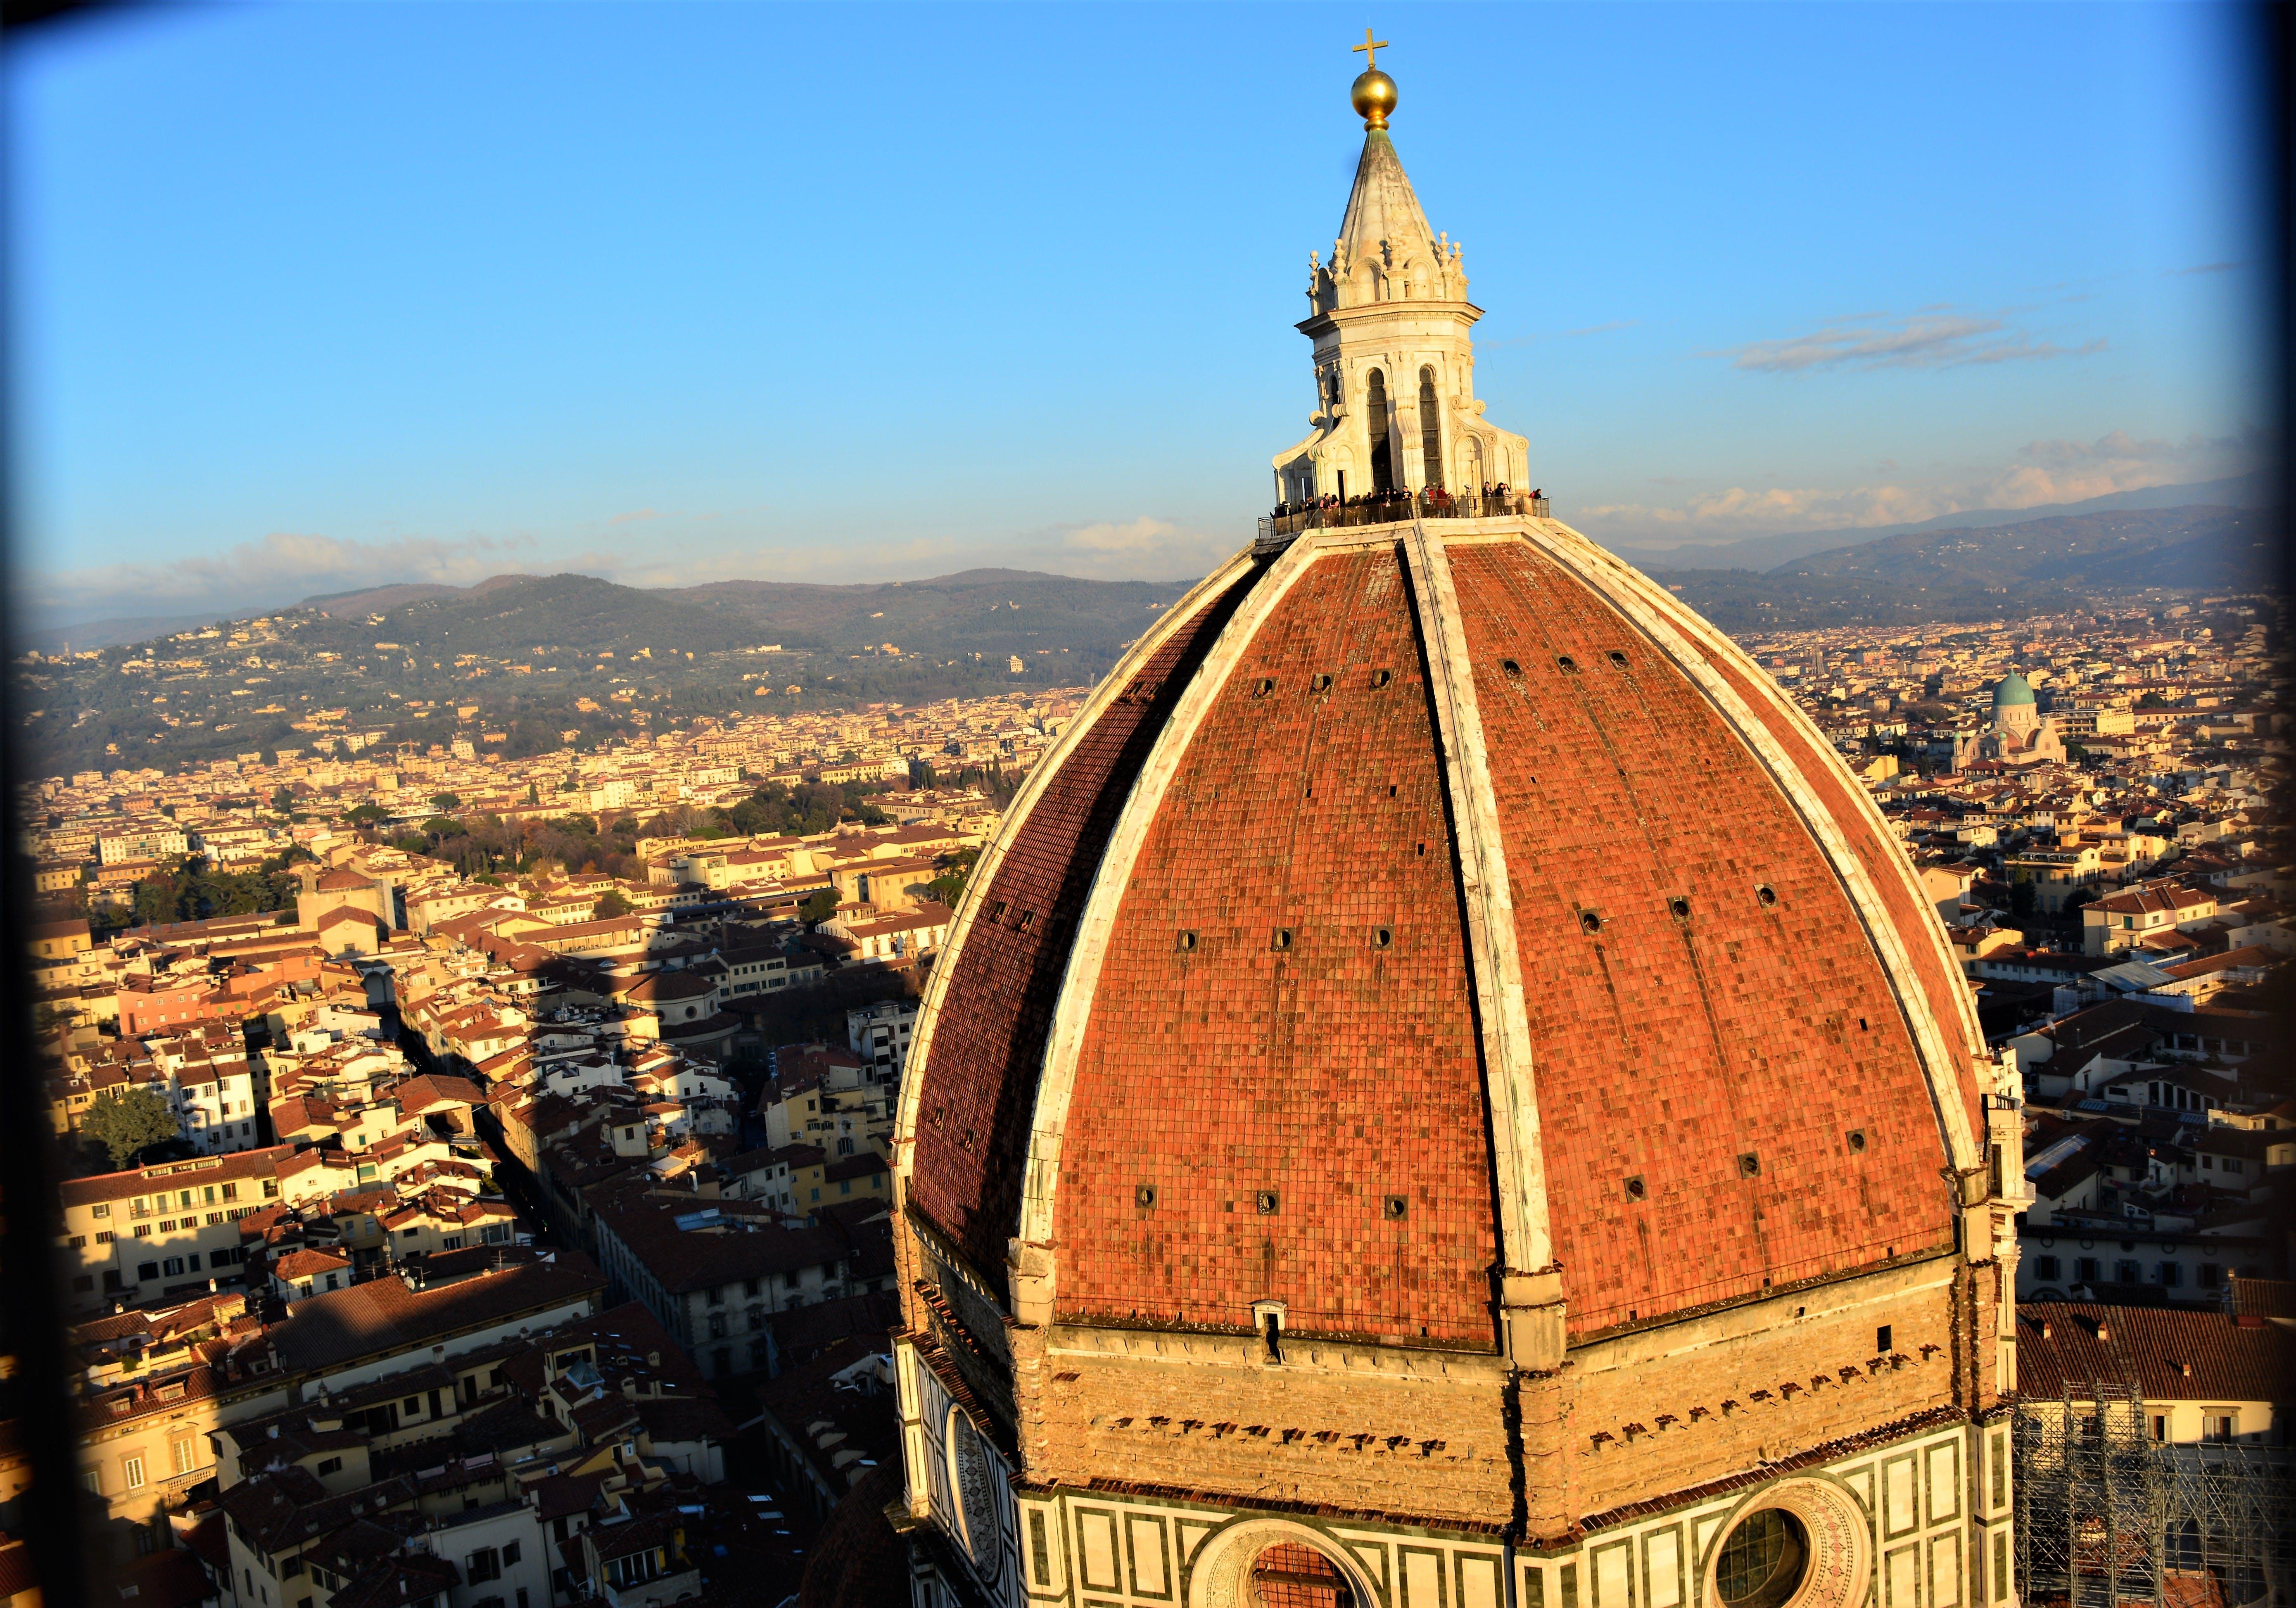 Gratis lagerfoto af firenze, florence katedral, kuppel